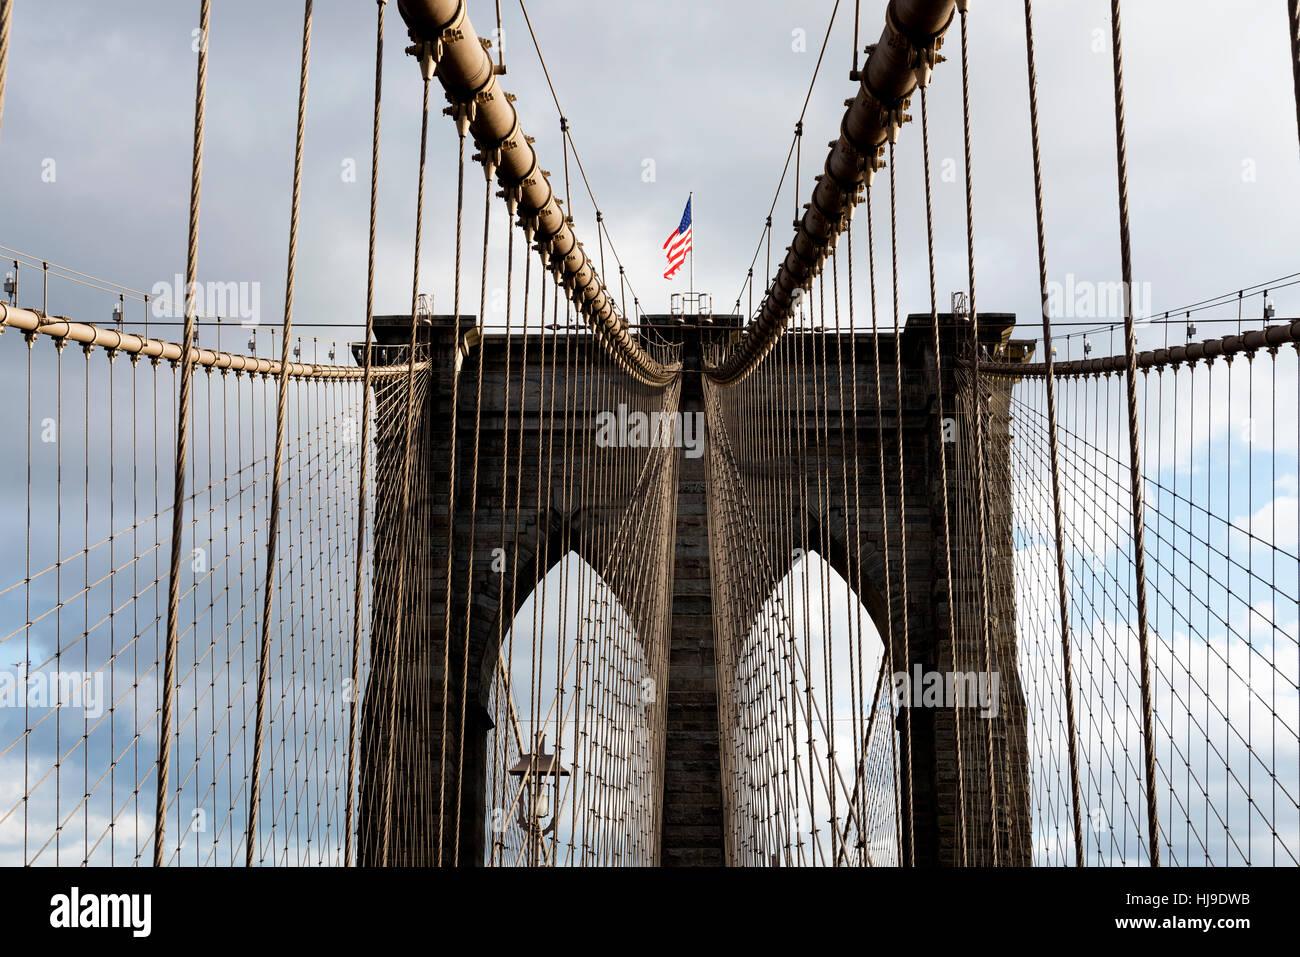 Nach oben auf einem Turm von der Brooklyn Bridge, NYC. Drahtseile sind reichlich vorhanden. Stockbild